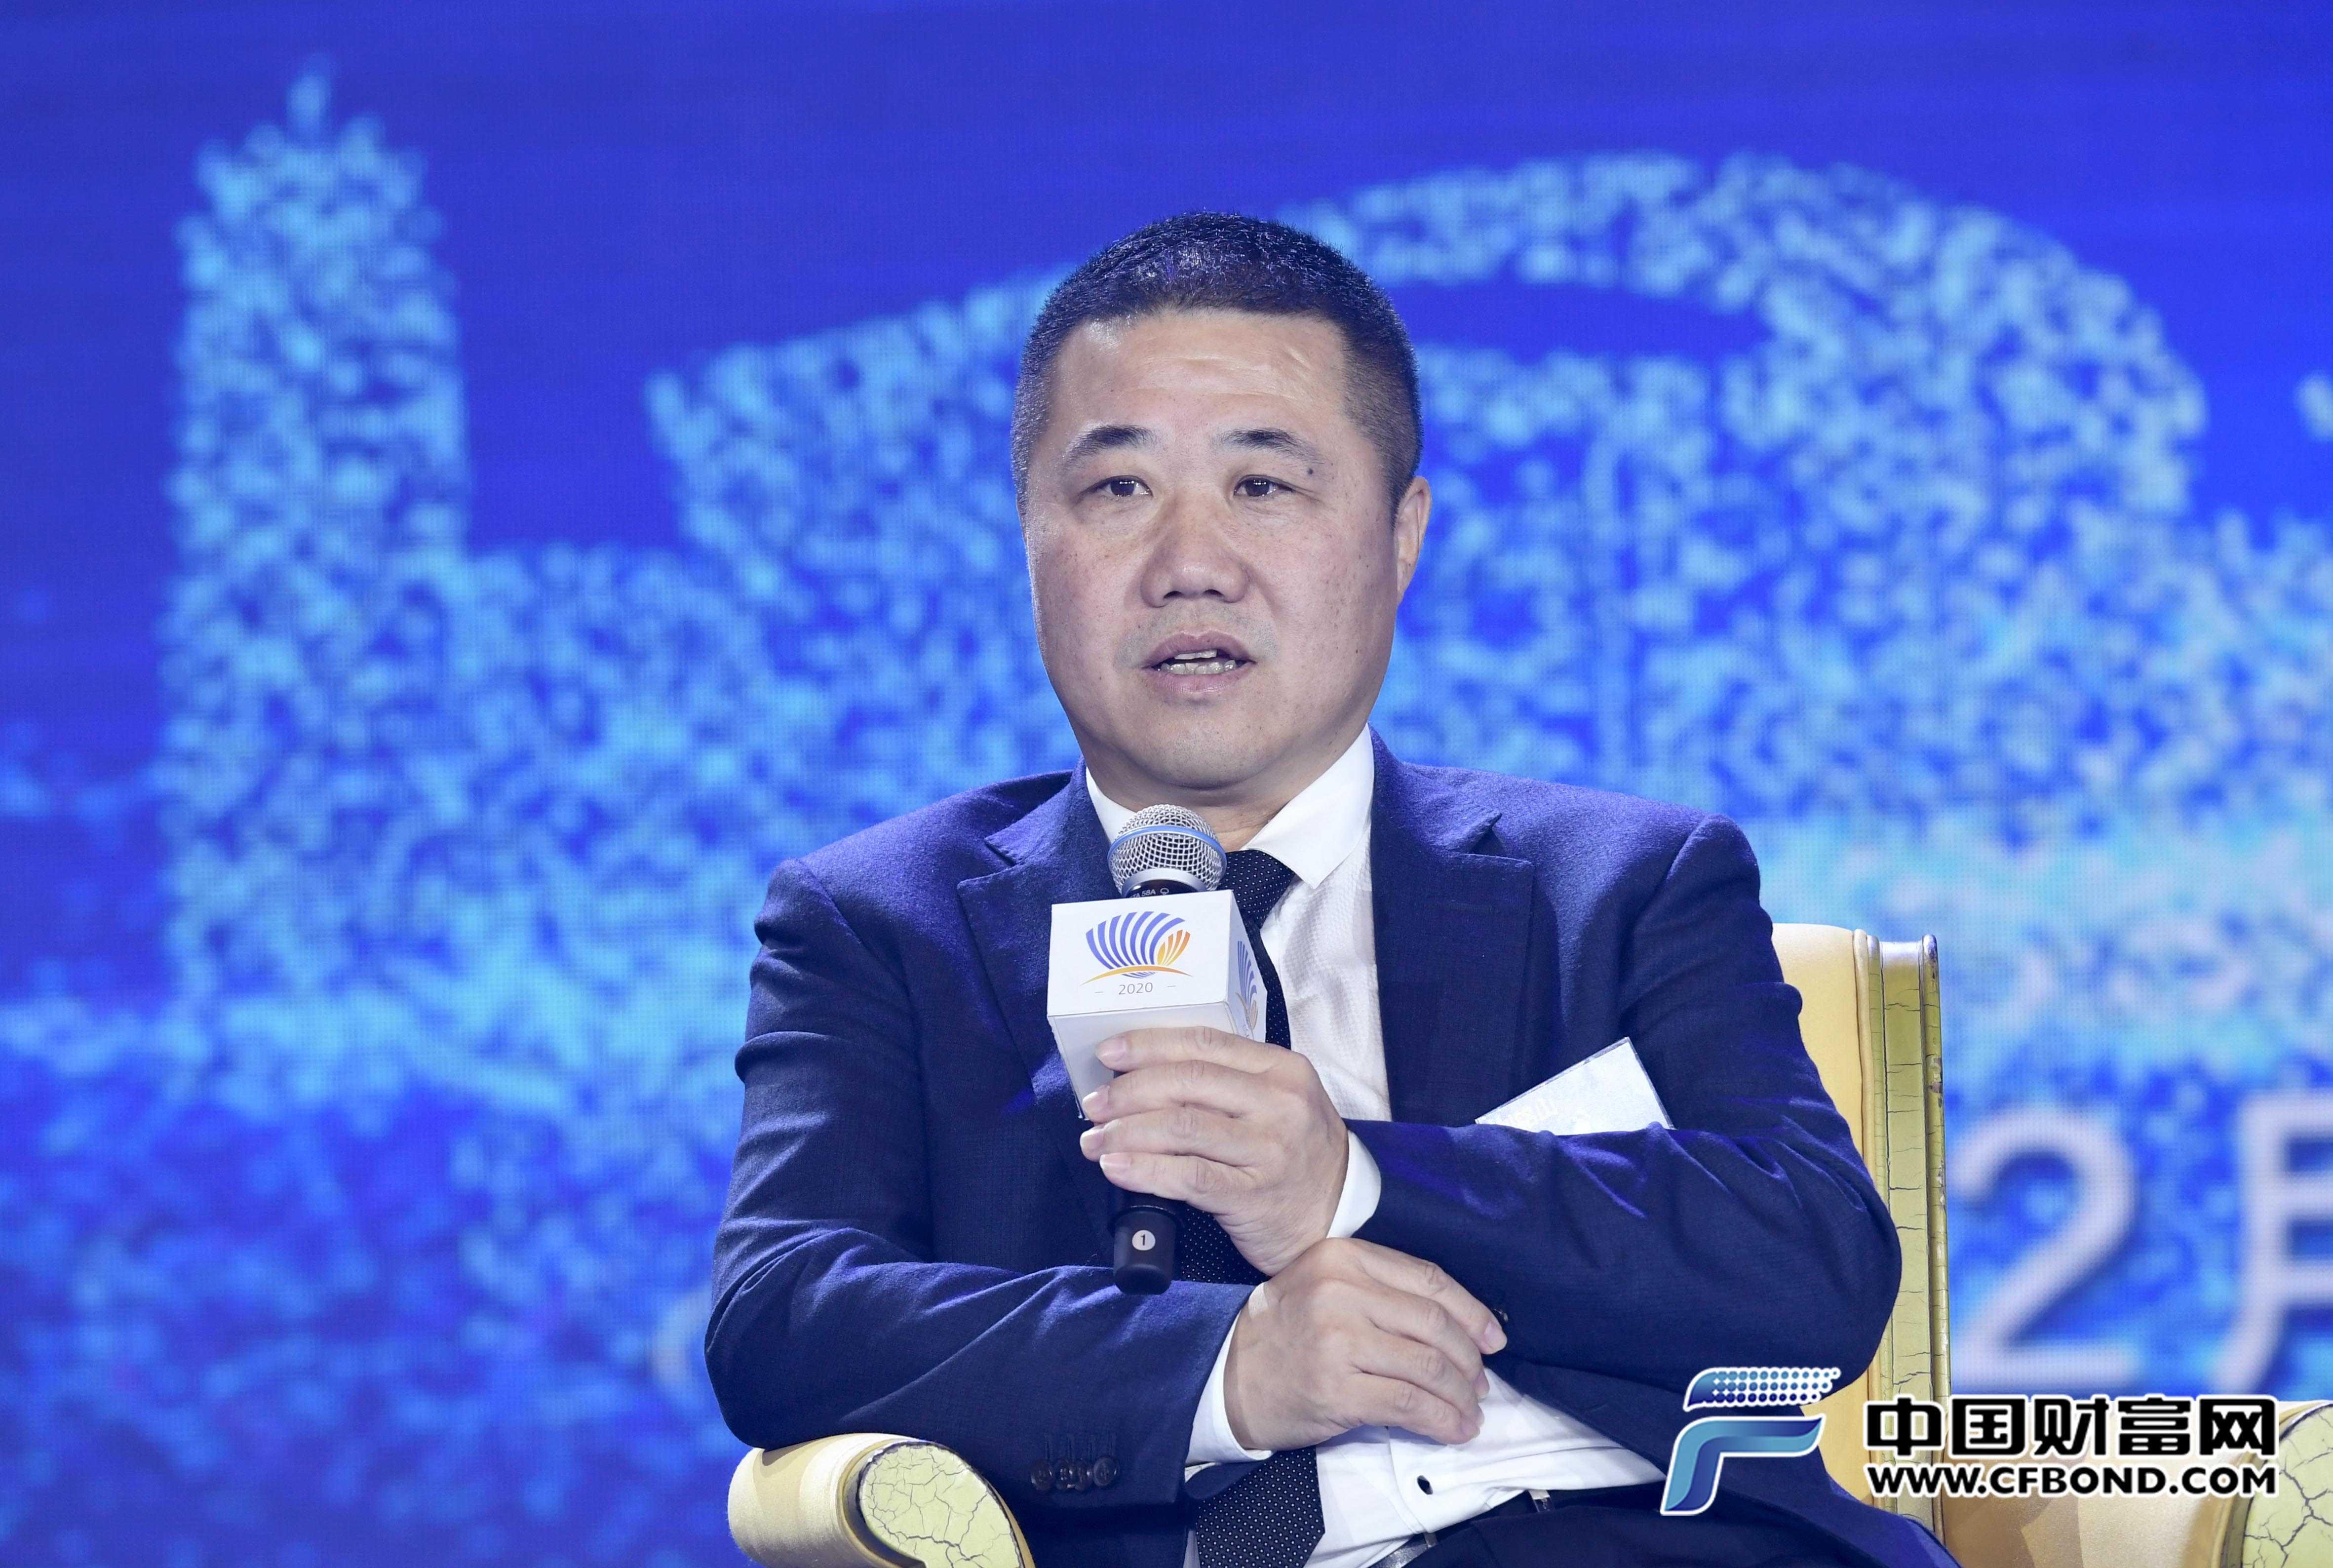 哈尔滨空调刘铭山:高质量发展是企业必须做到的要素条件